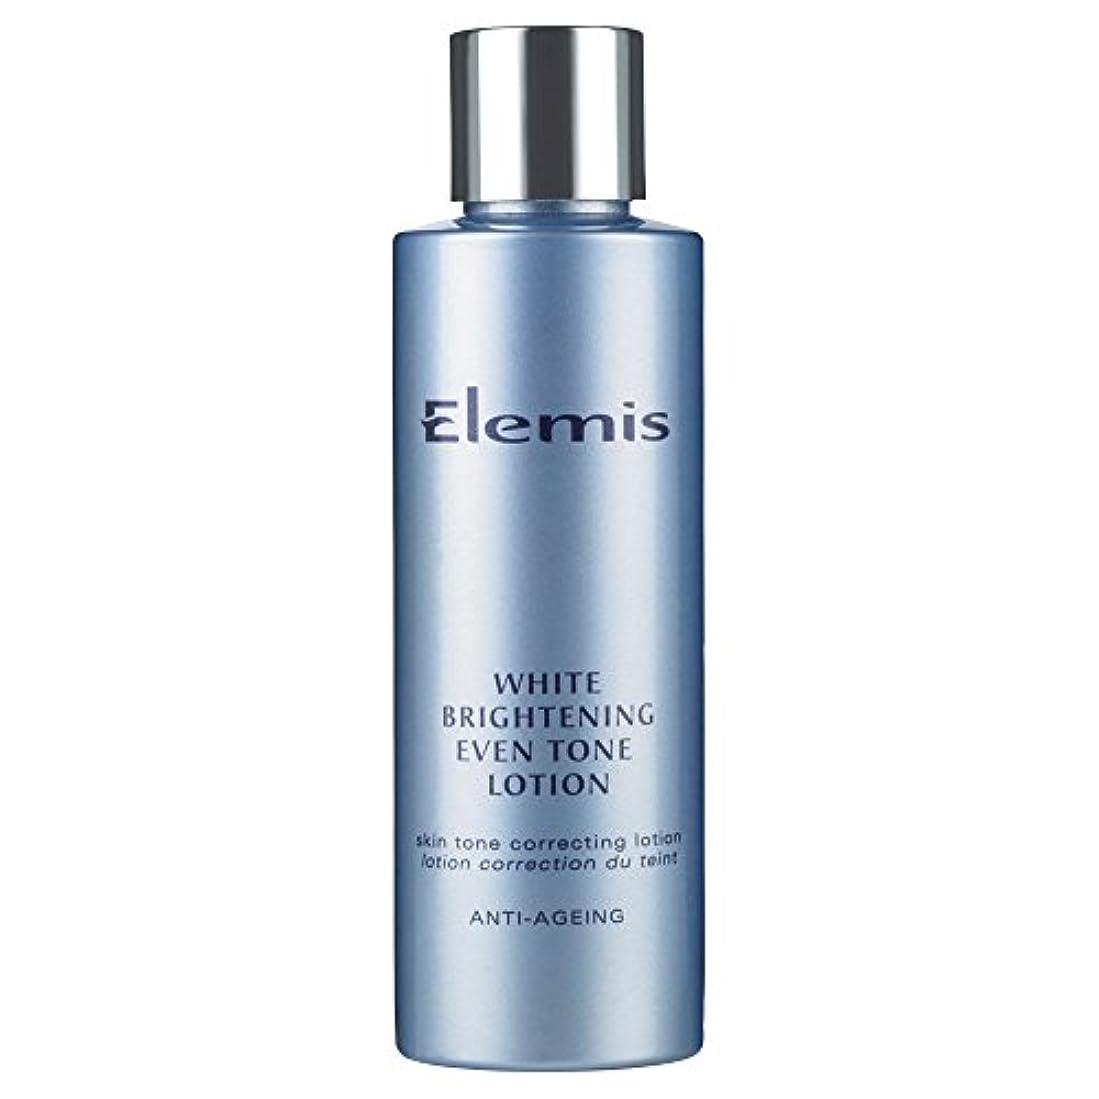 リンク吸収剤論理エレミス白い光沢さえトーンローション150ミリリットル (Elemis) - Elemis White Brightening Even Tone Lotion 150ml [並行輸入品]